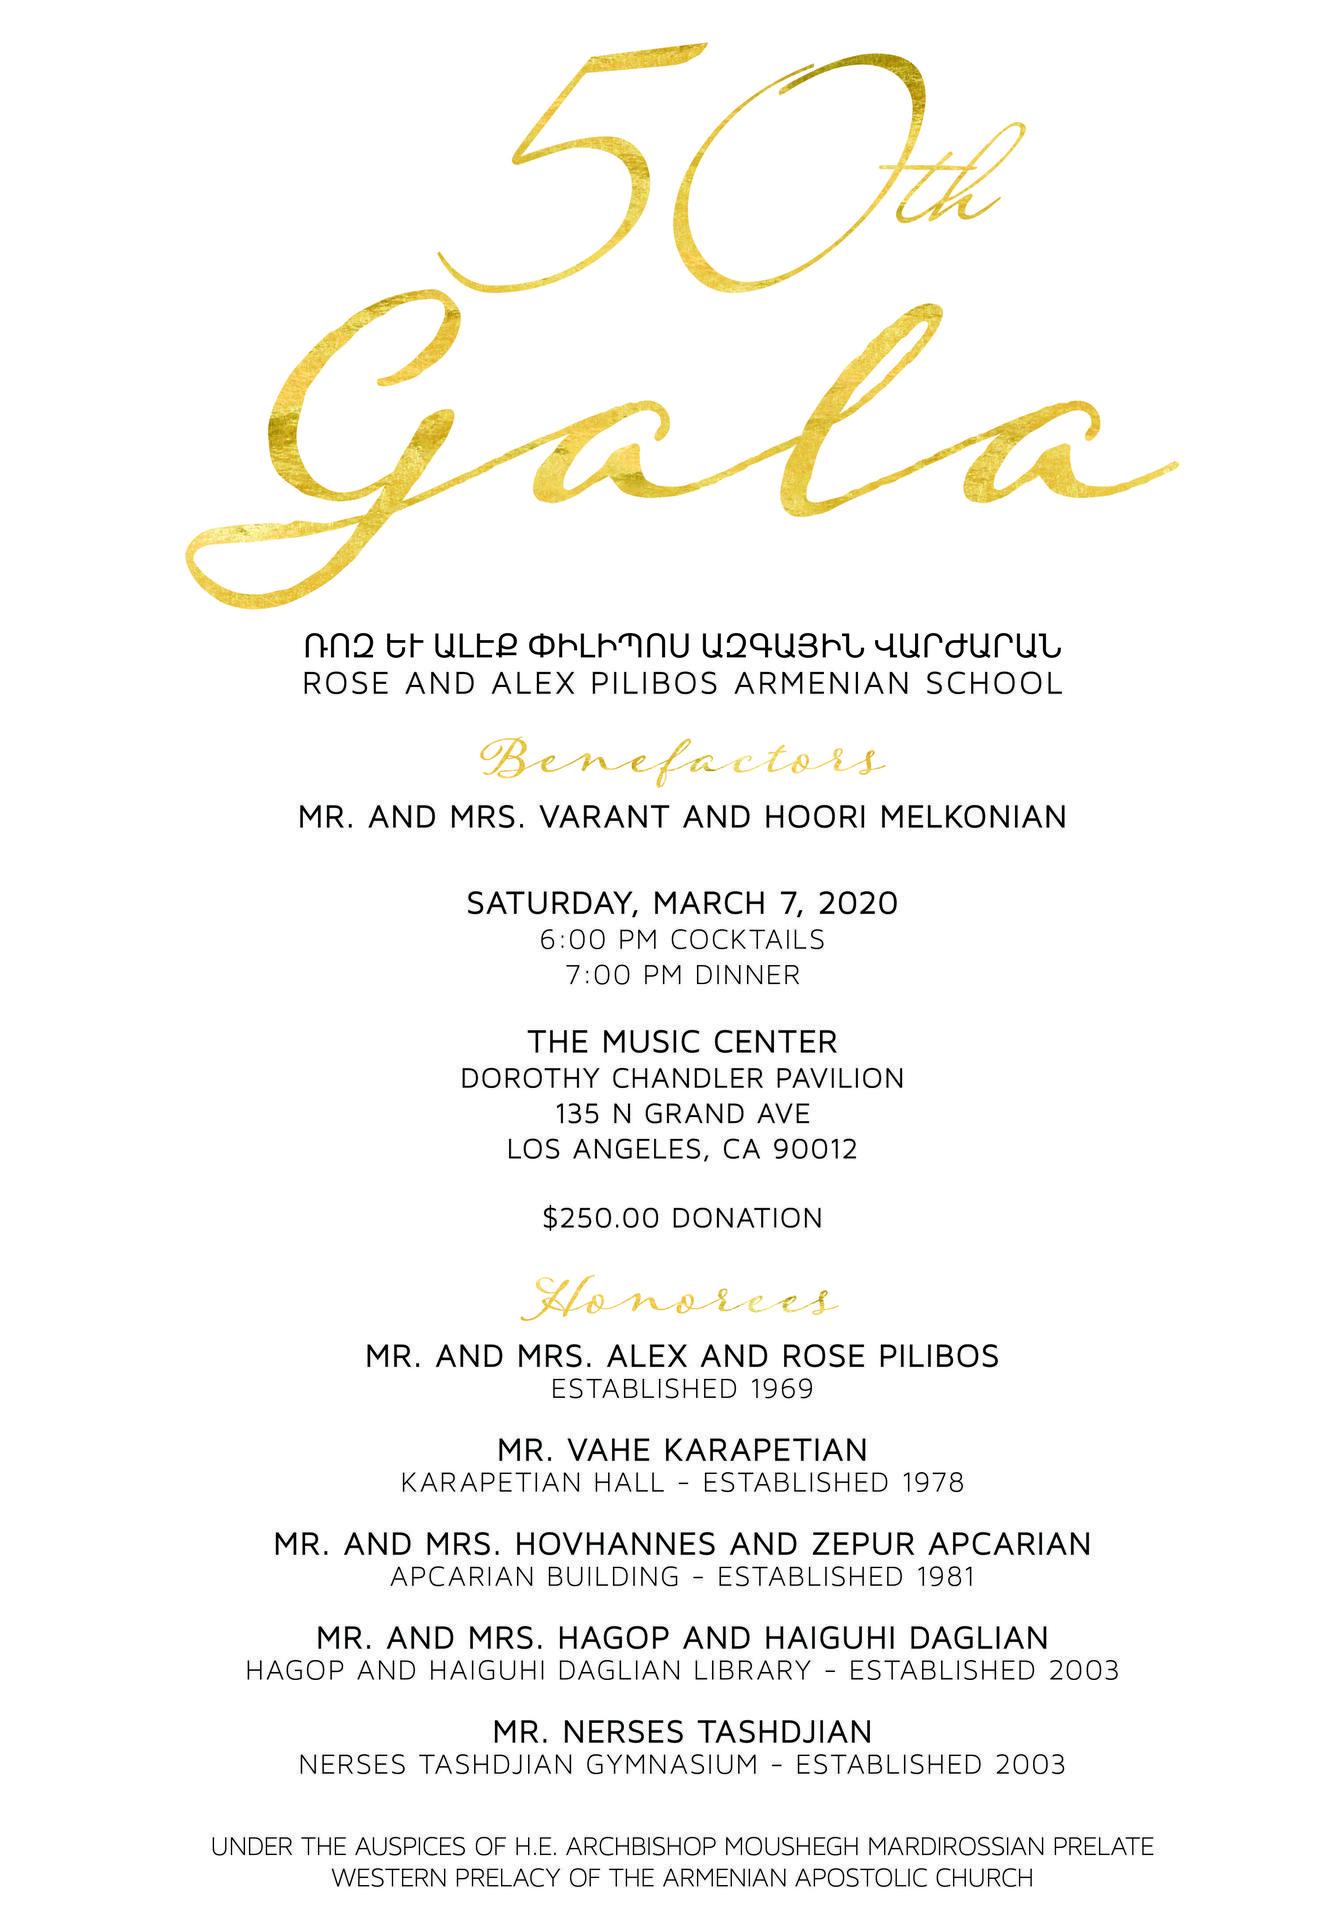 Pilibos 50th Gala